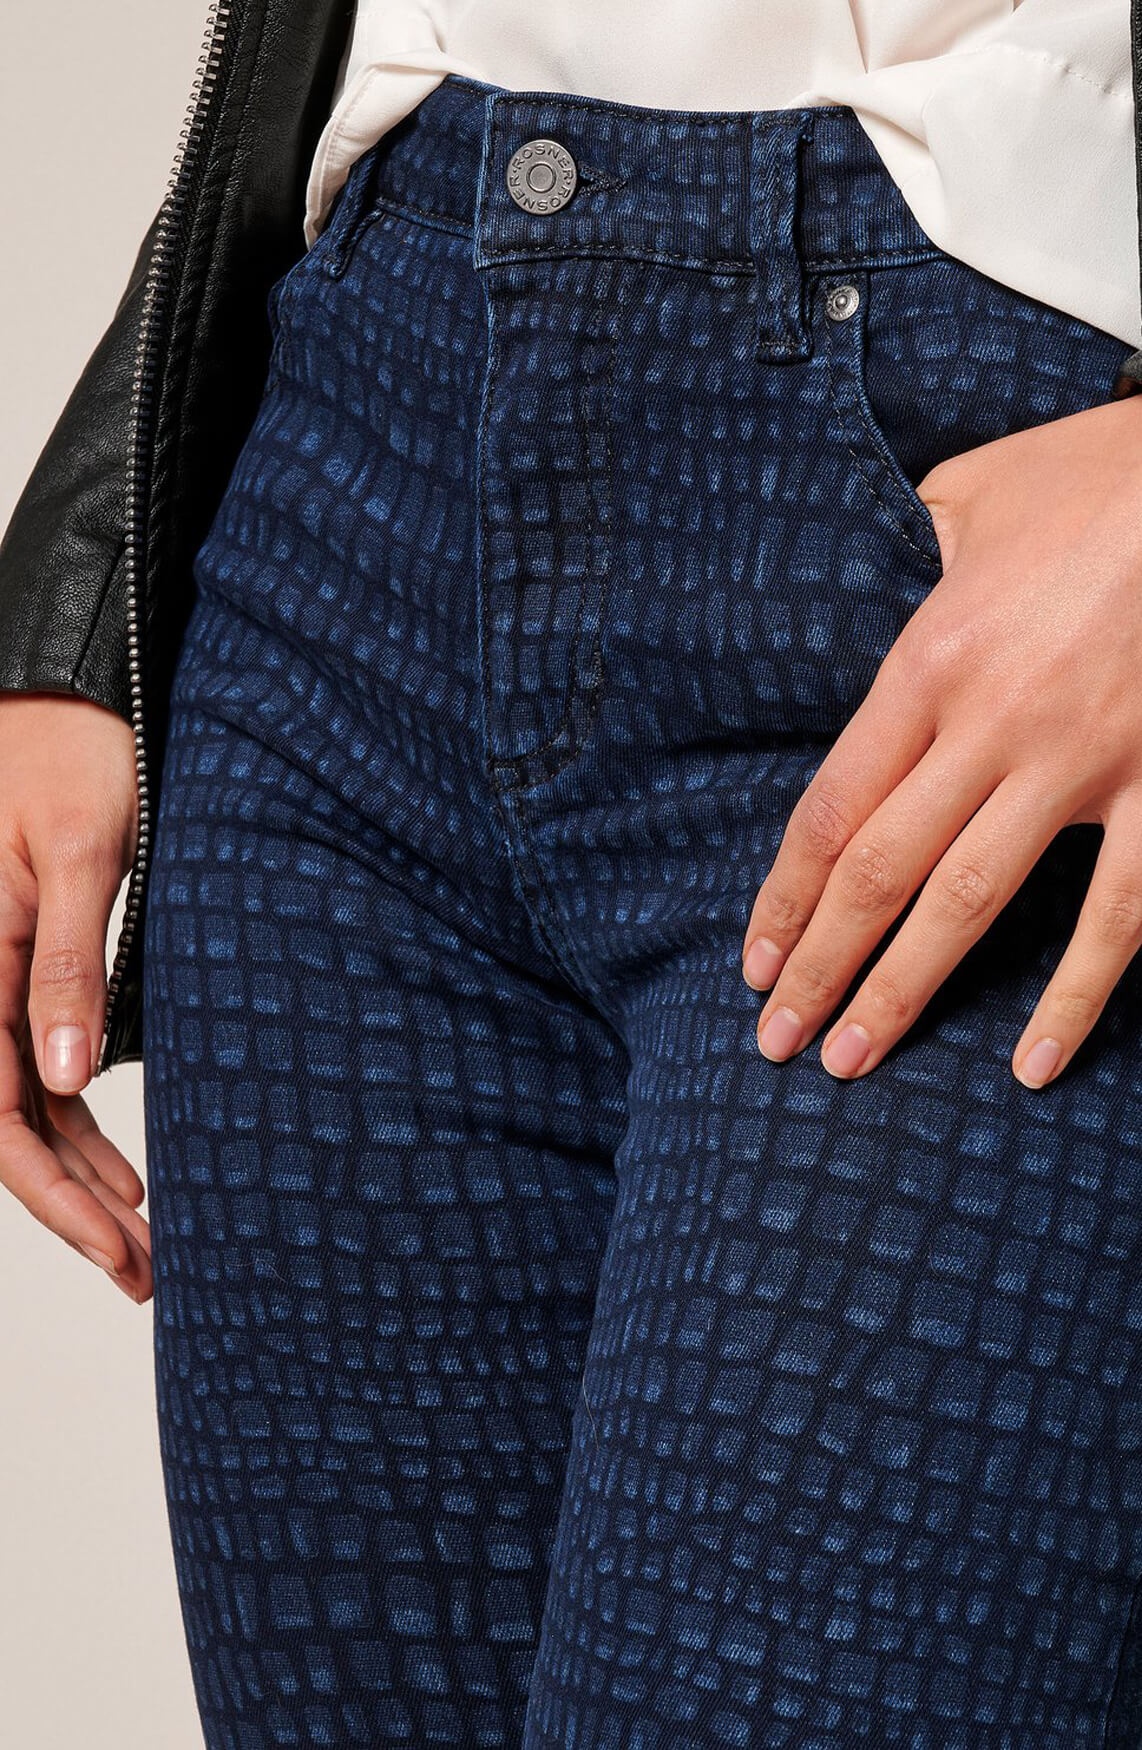 Rosner Dames L32 Antonia reptielprint broek Blauw